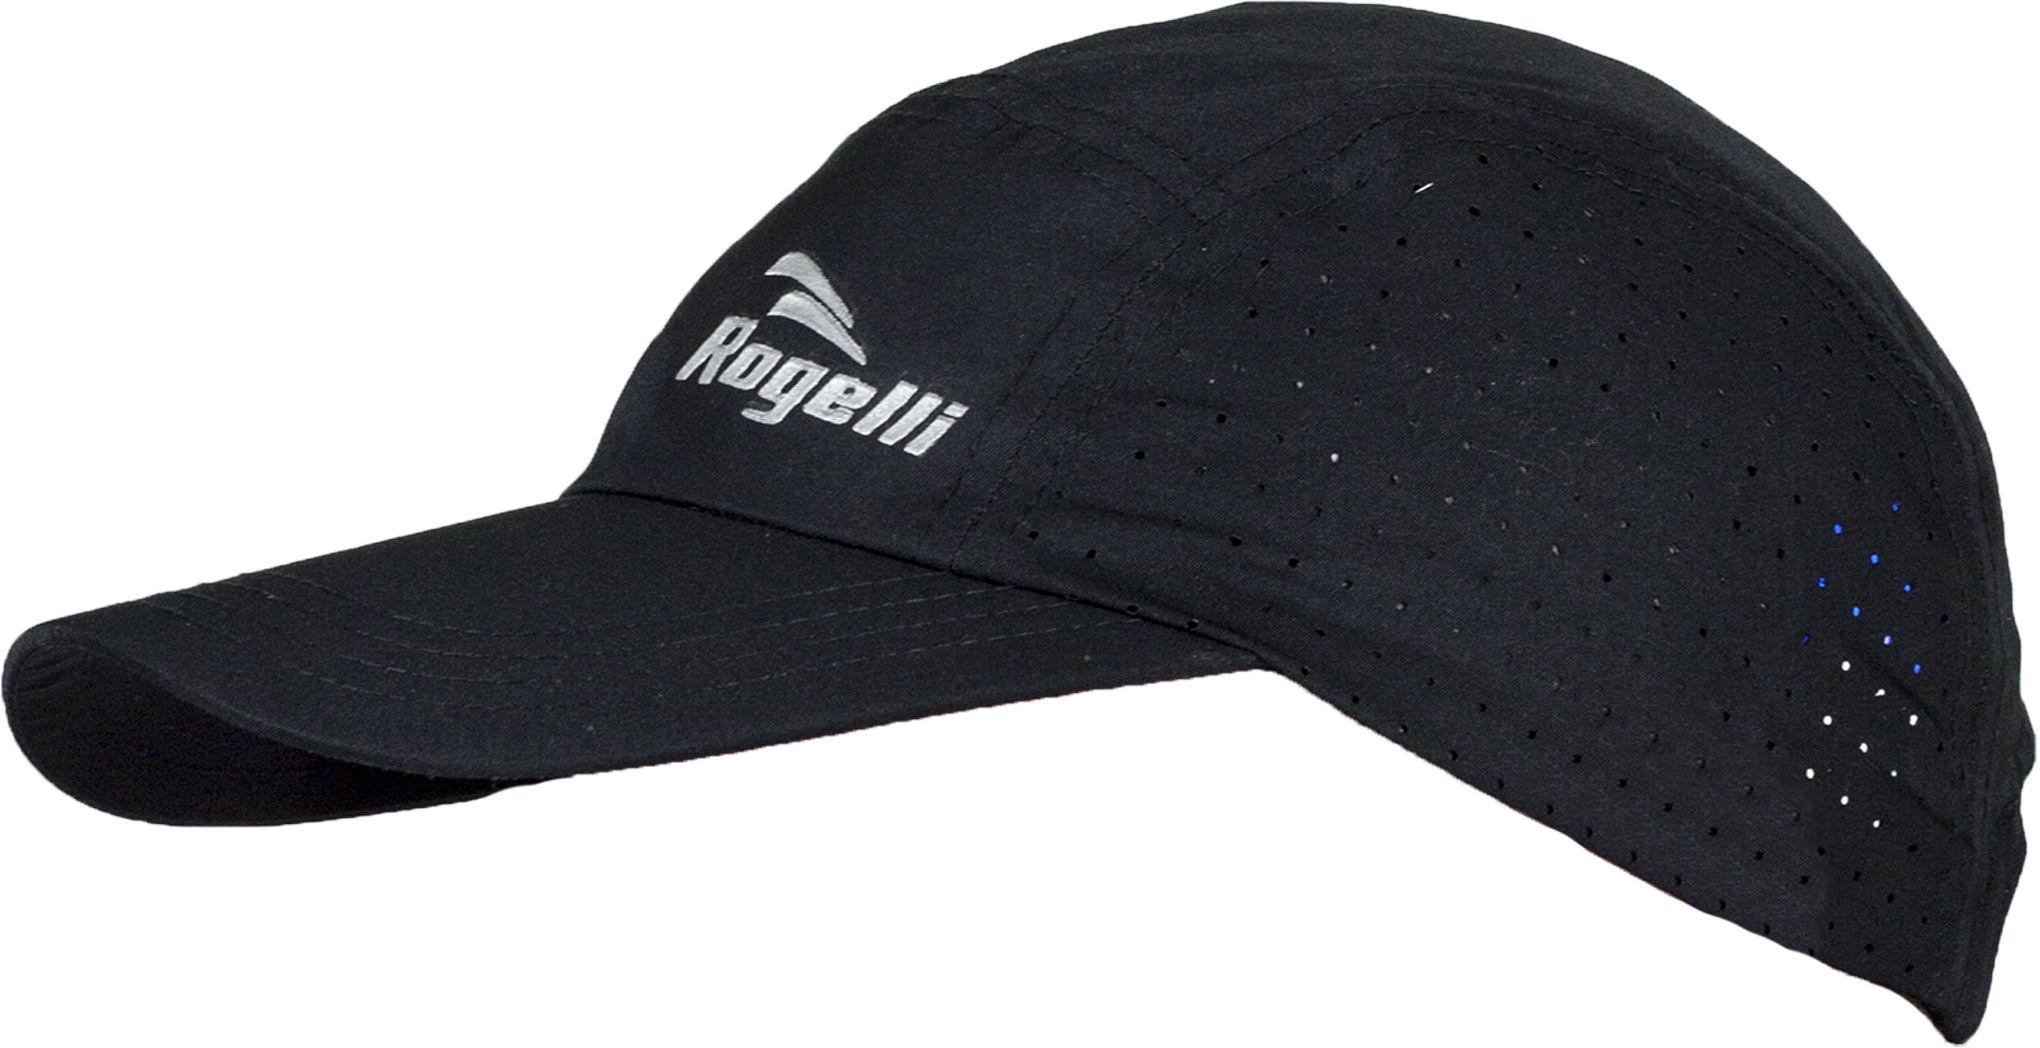 ROGELLI SS18 RUN 890.017 LIBERTY 2.0 - czapeczka z daszkiem unisex czarna,8717849015509